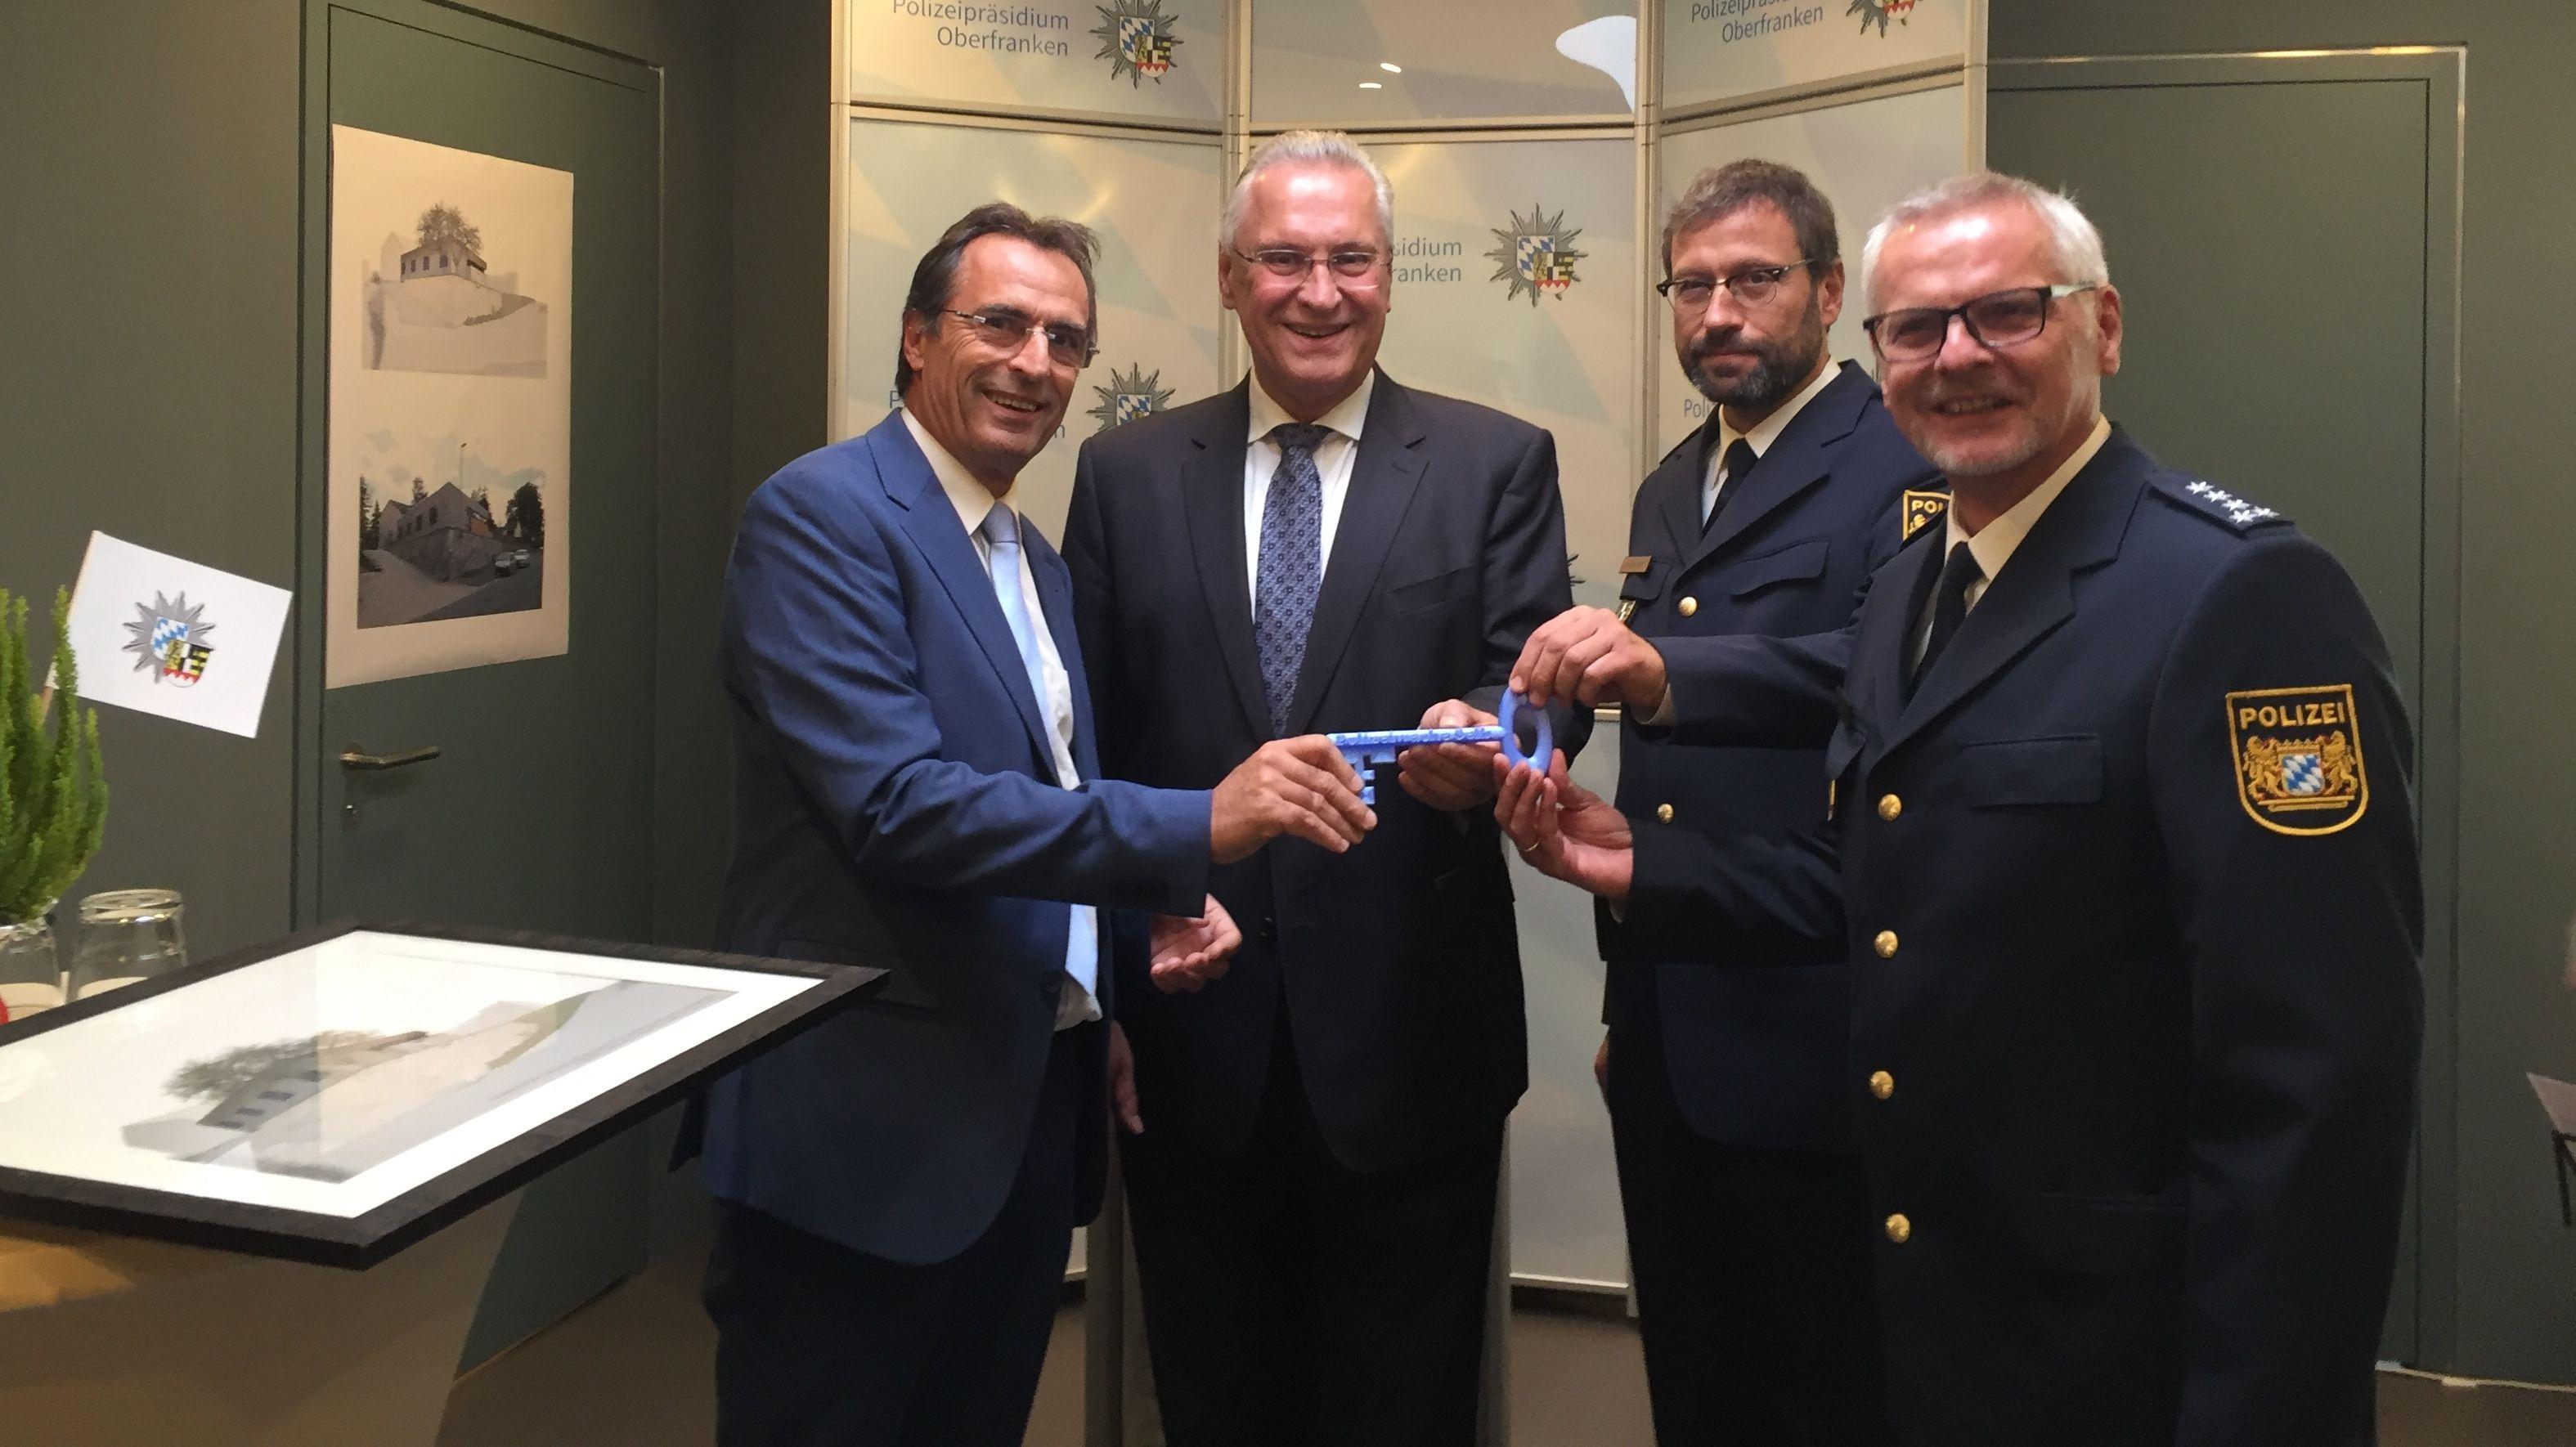 Schlüsselübergabe für die neue Polizeiwache in Selb mit Bayerns Innenminister Joachim Herrmann